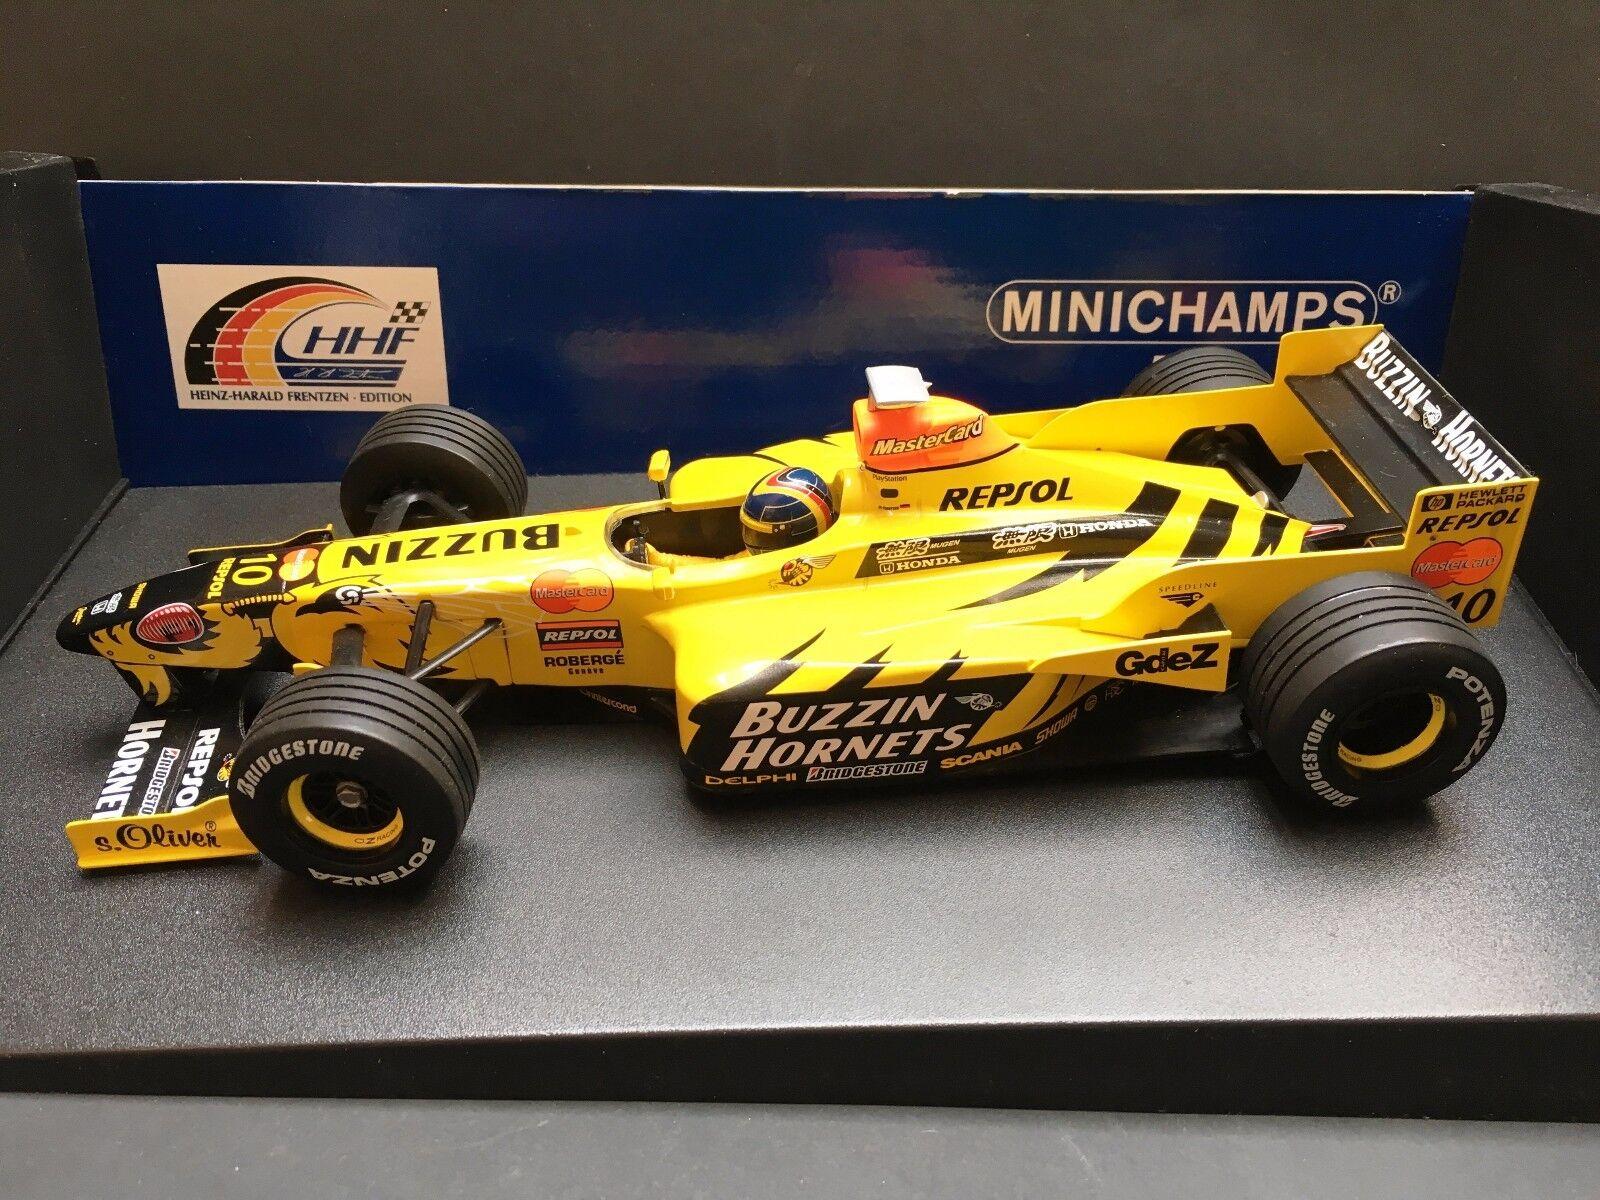 Minichamps - Karl Heinz Frentzen - Jordan - 198 - 1998 - Test Suzuka - 1 18